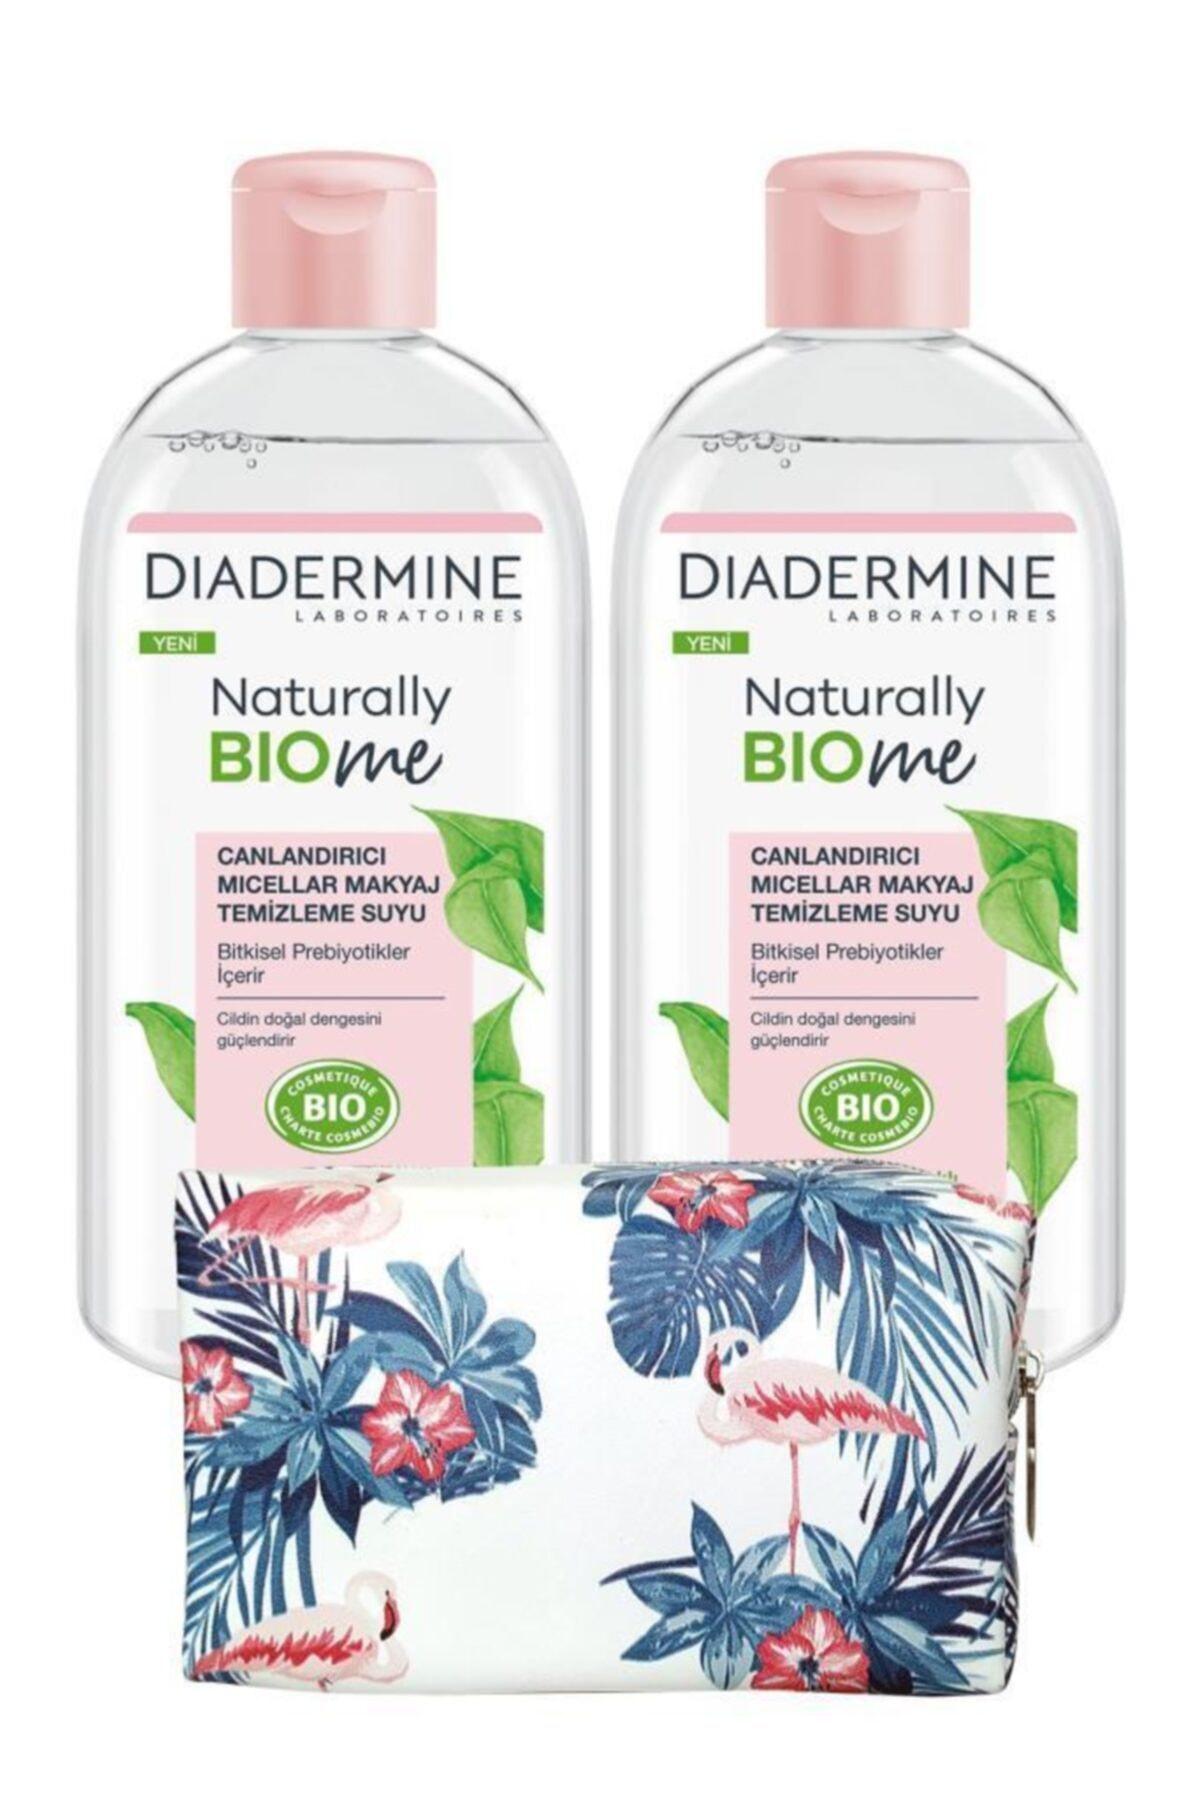 Diadermine Naturally Bio Me Canlandırıcı Micellar Makyaj Temizleme Suyux2 Adet+çiçekli Makyaj Çanta 1